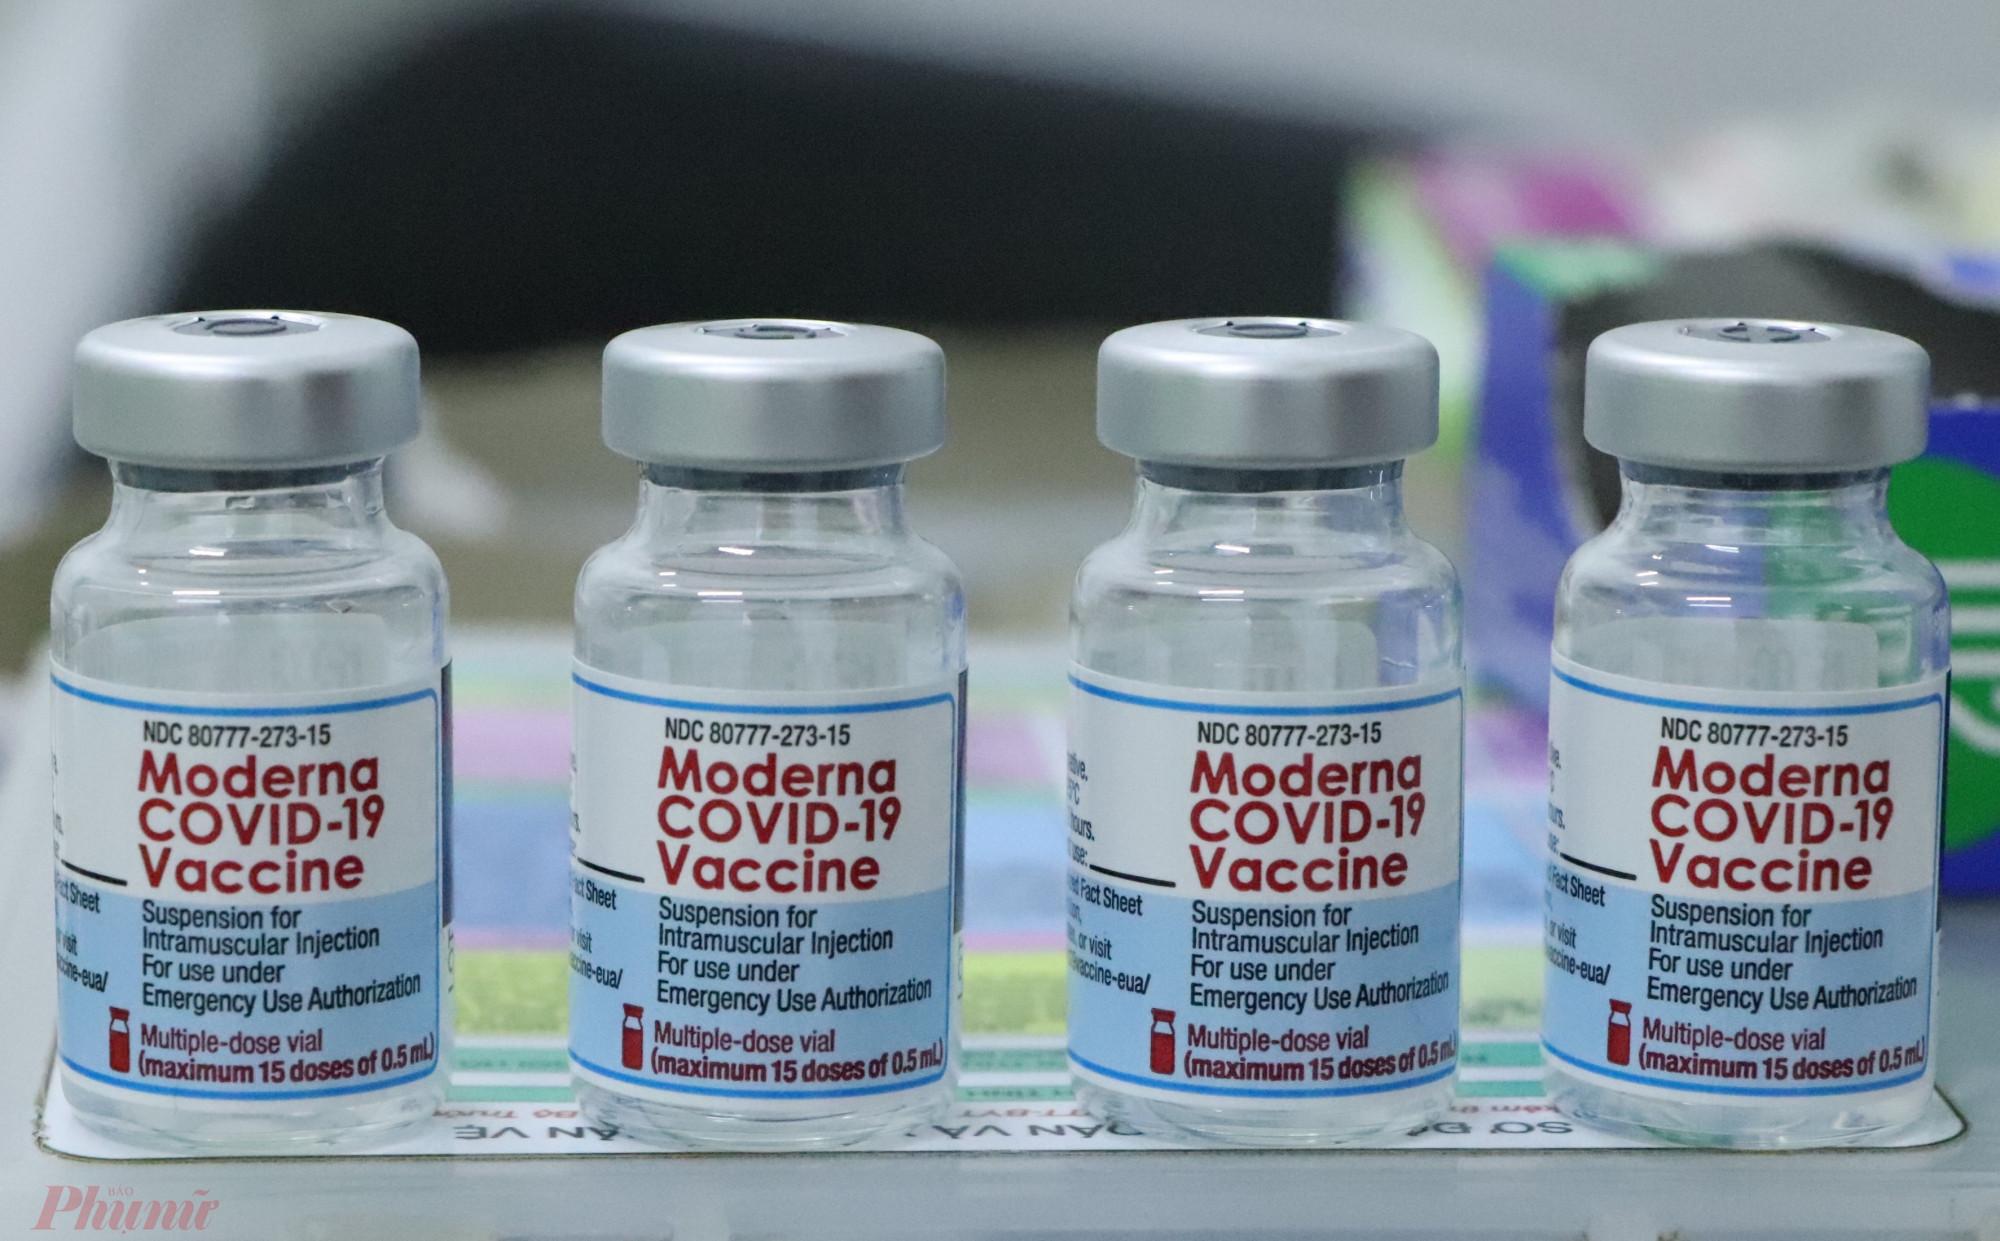 Trên thế giới đã tiêm trộn vắc xin Moderna mũi 1, Pfizer mũi 2 và ngược lại